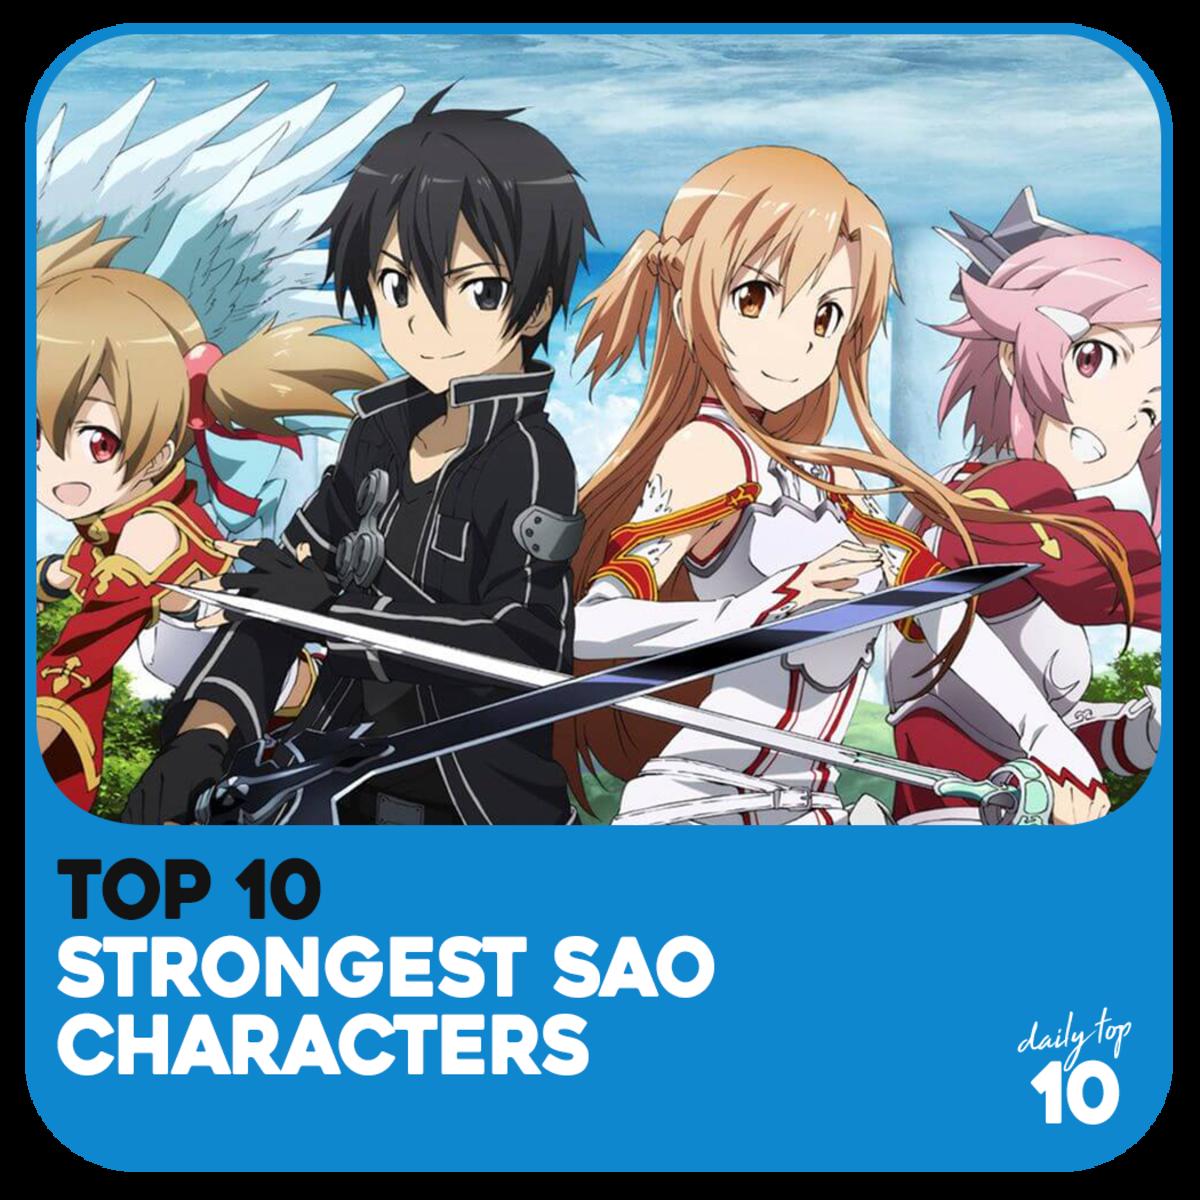 Top 10 Strongest Sword Art Online Characters